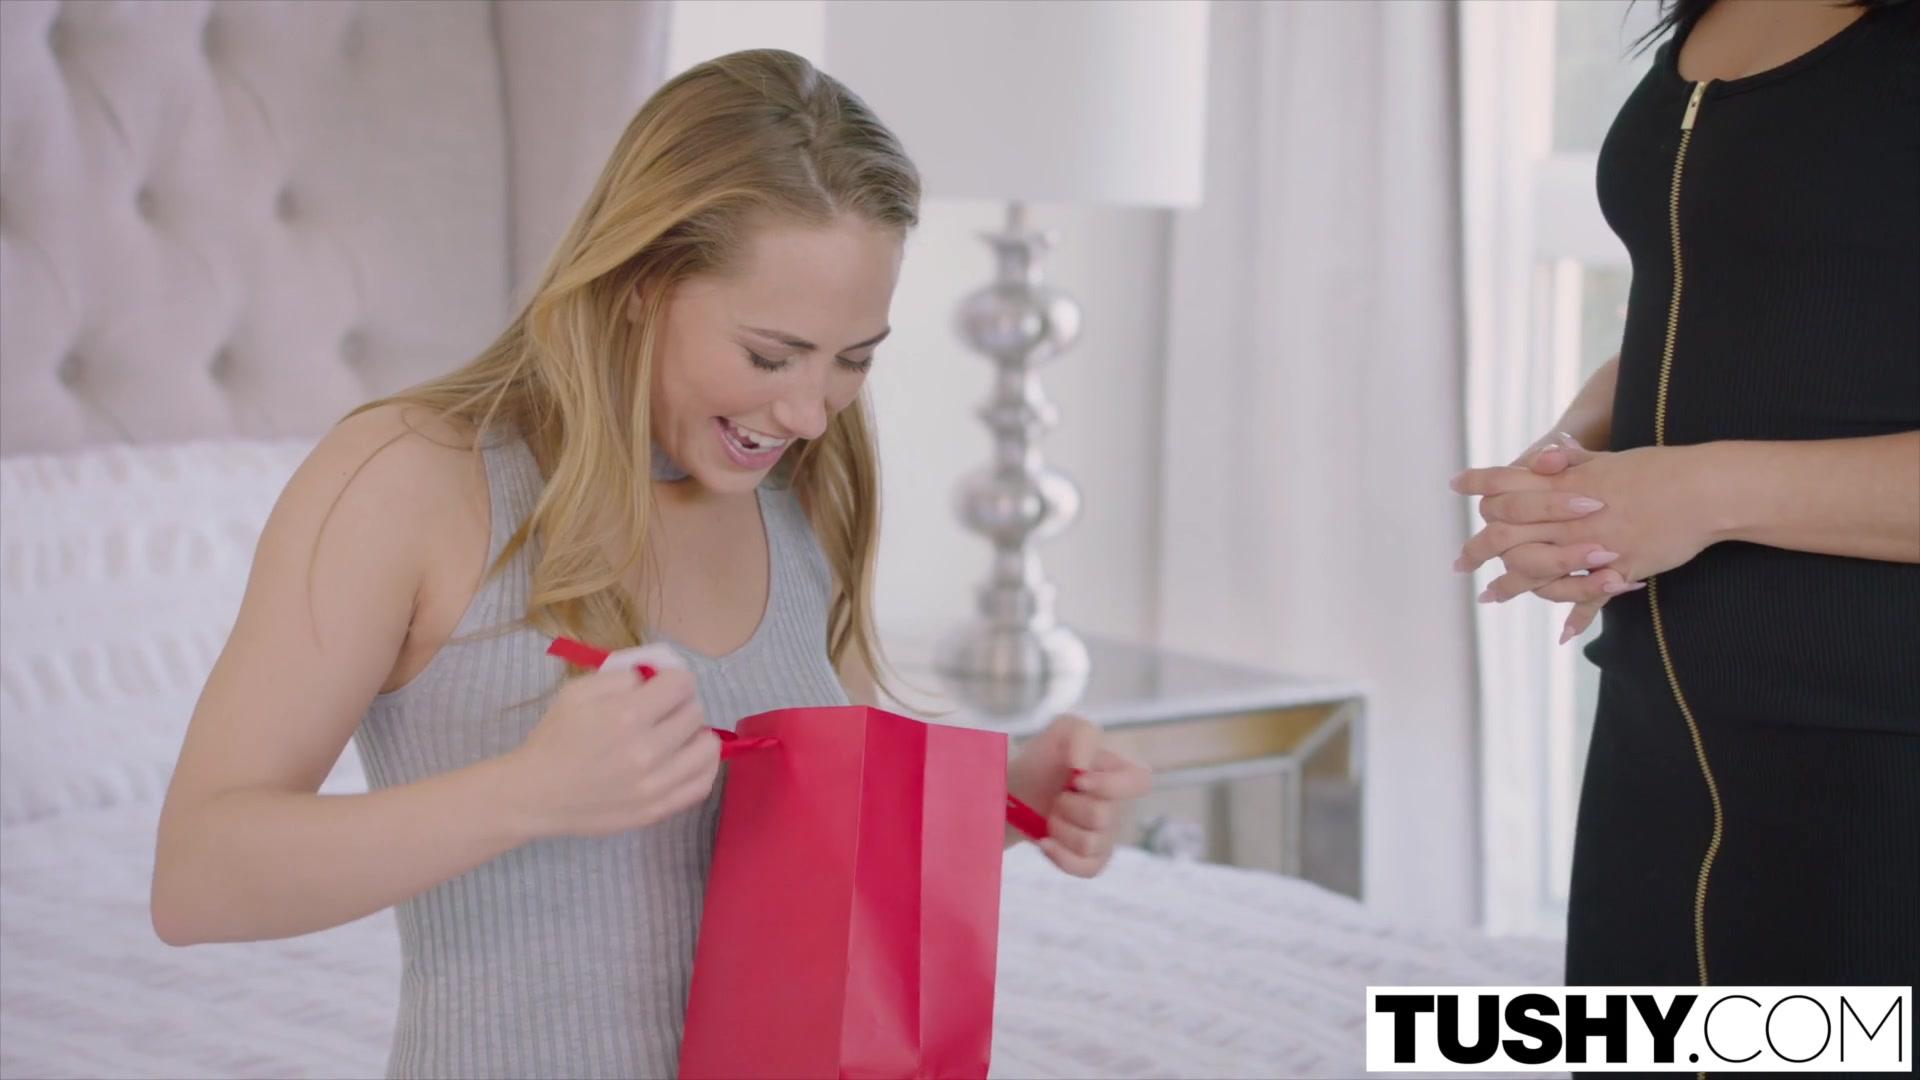 Super bowl 2019 aufzeichnung online dating XXX Porn tube